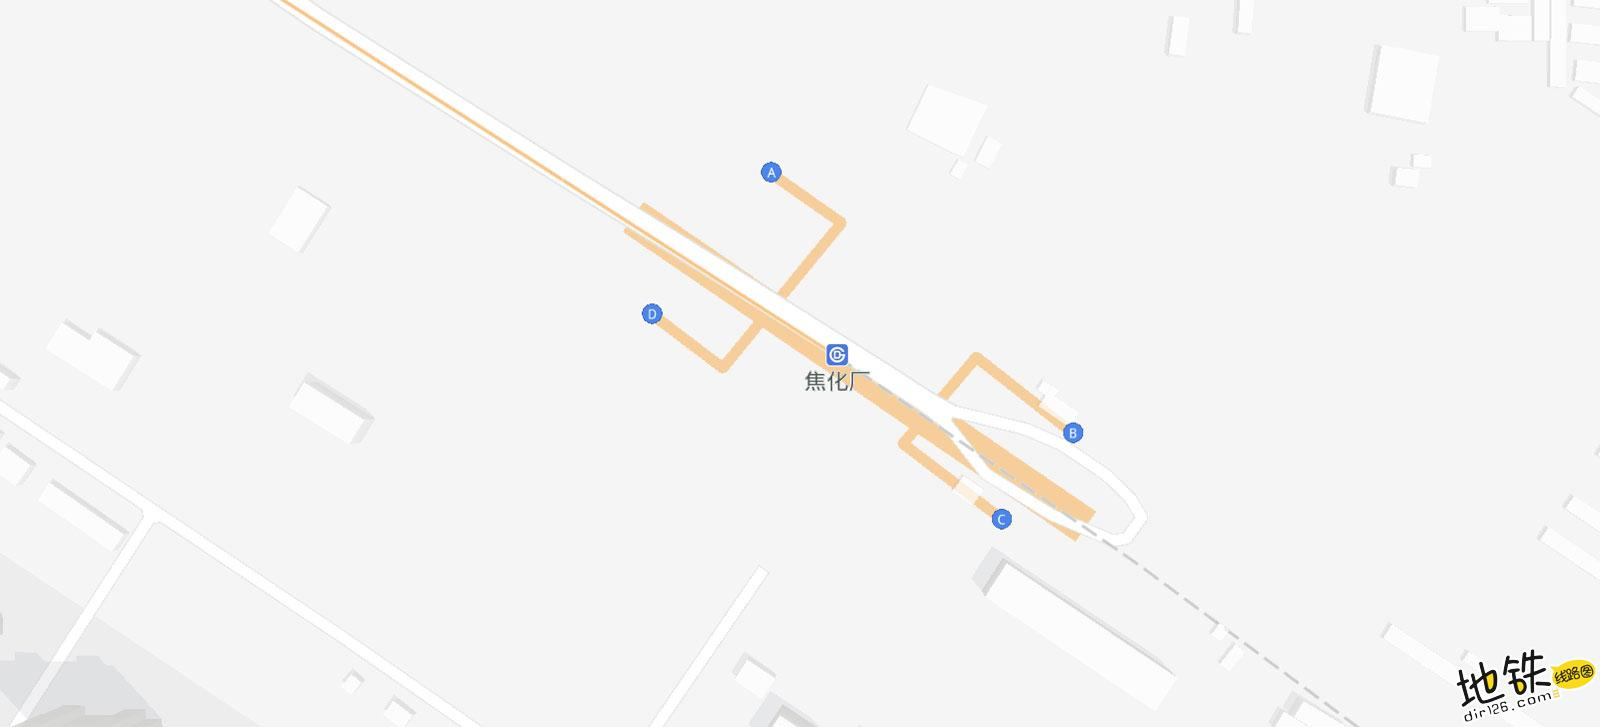 焦化厂地铁站 北京地铁焦化厂出入口 地图信息查询  北京地铁站  第2张